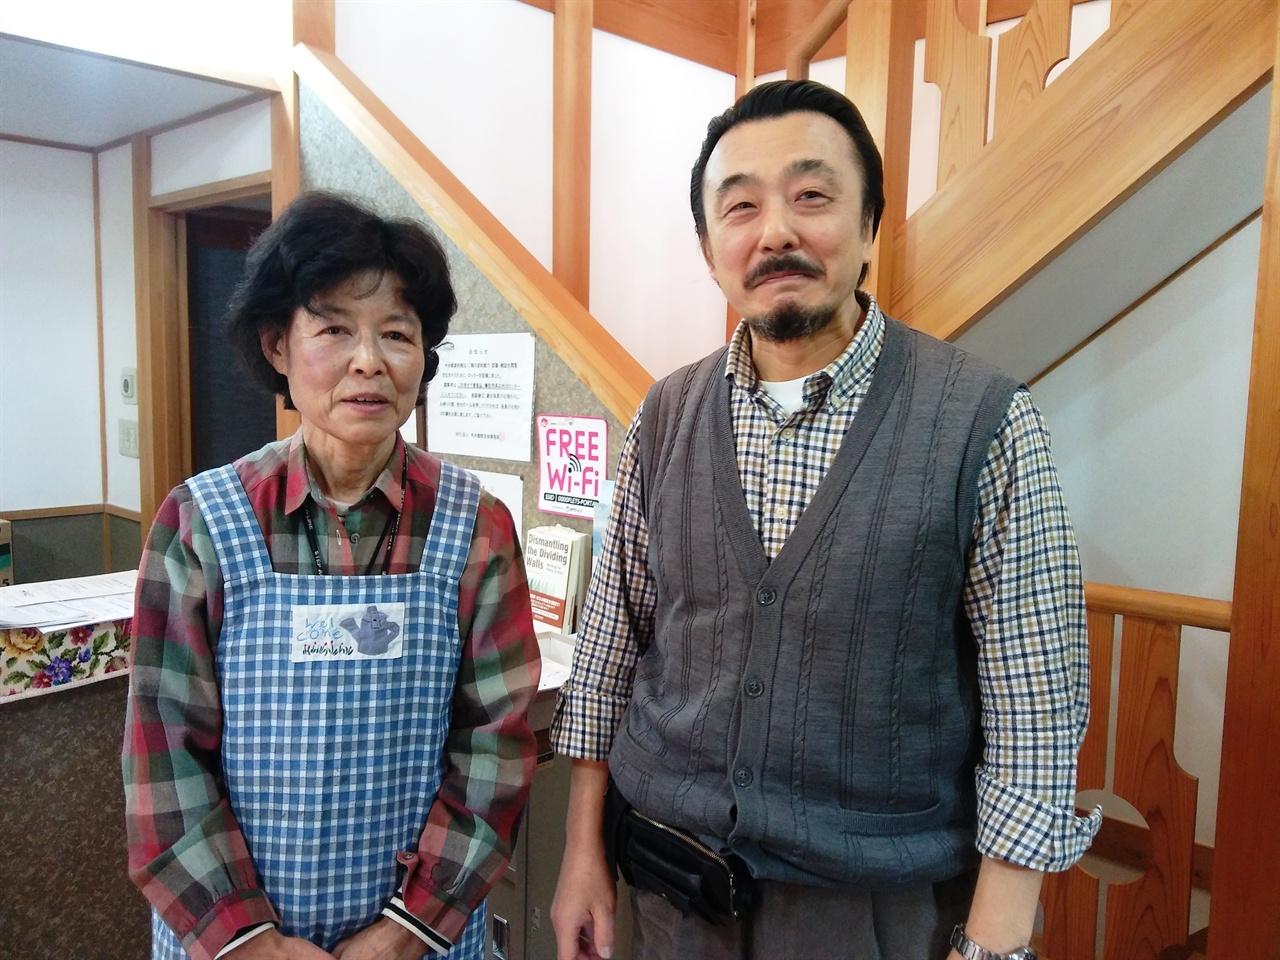 금정당 자료관 사무국장과 사무원 '今井堂資料館'(금정당자료관)의 사무국장 '아라이 카츠히로'와 사무원 '하라다 쿄꼬'. 이 두 분의 친절과 배려 덕분에 일본 여행이 너무나 뜻 깊었습니다.